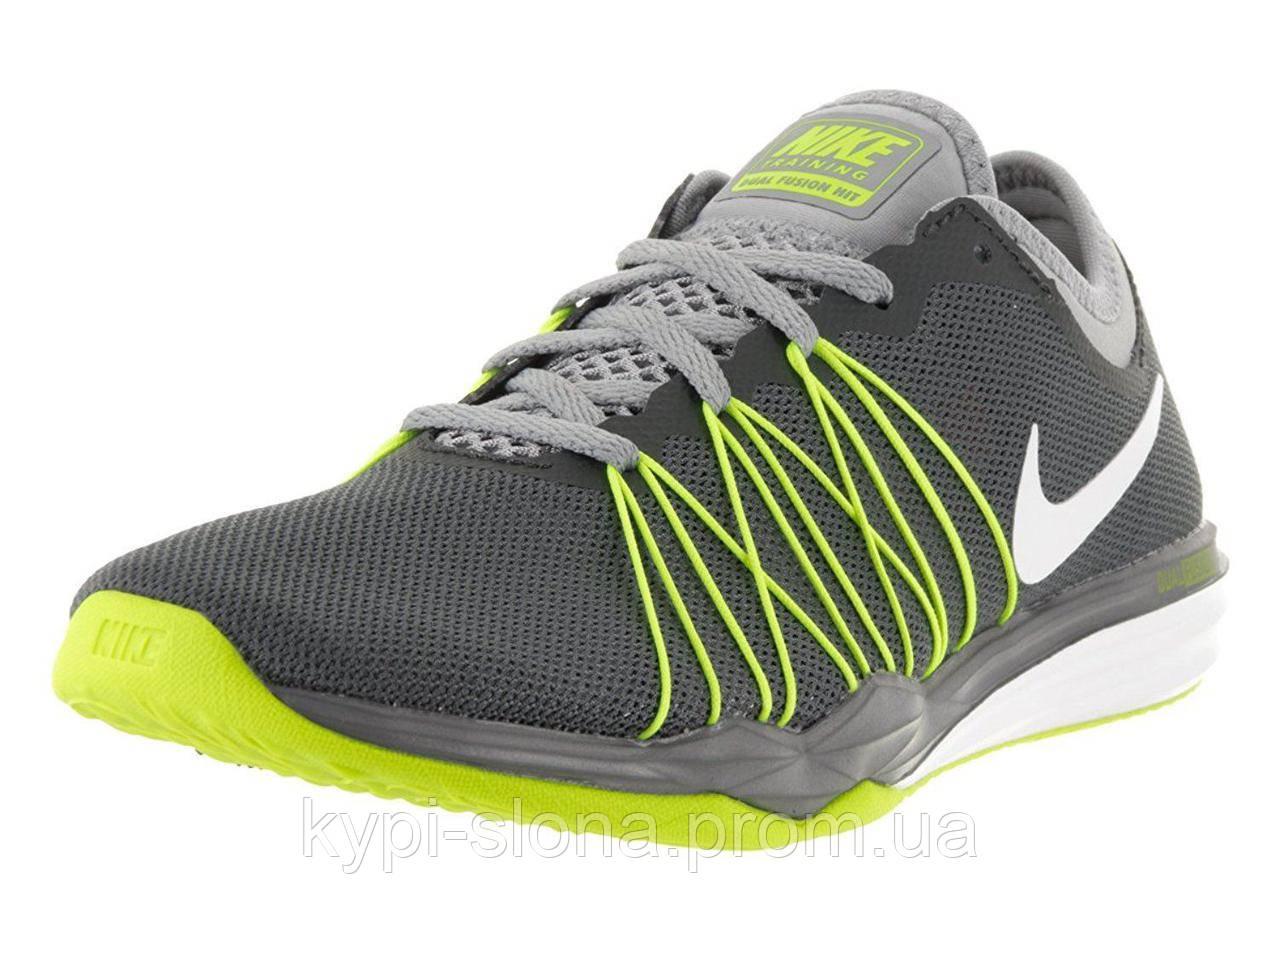 f697018c Женские кроссовки Nike Dual Fusion TR Hit. Оригинальные - Kypislona в Киеве